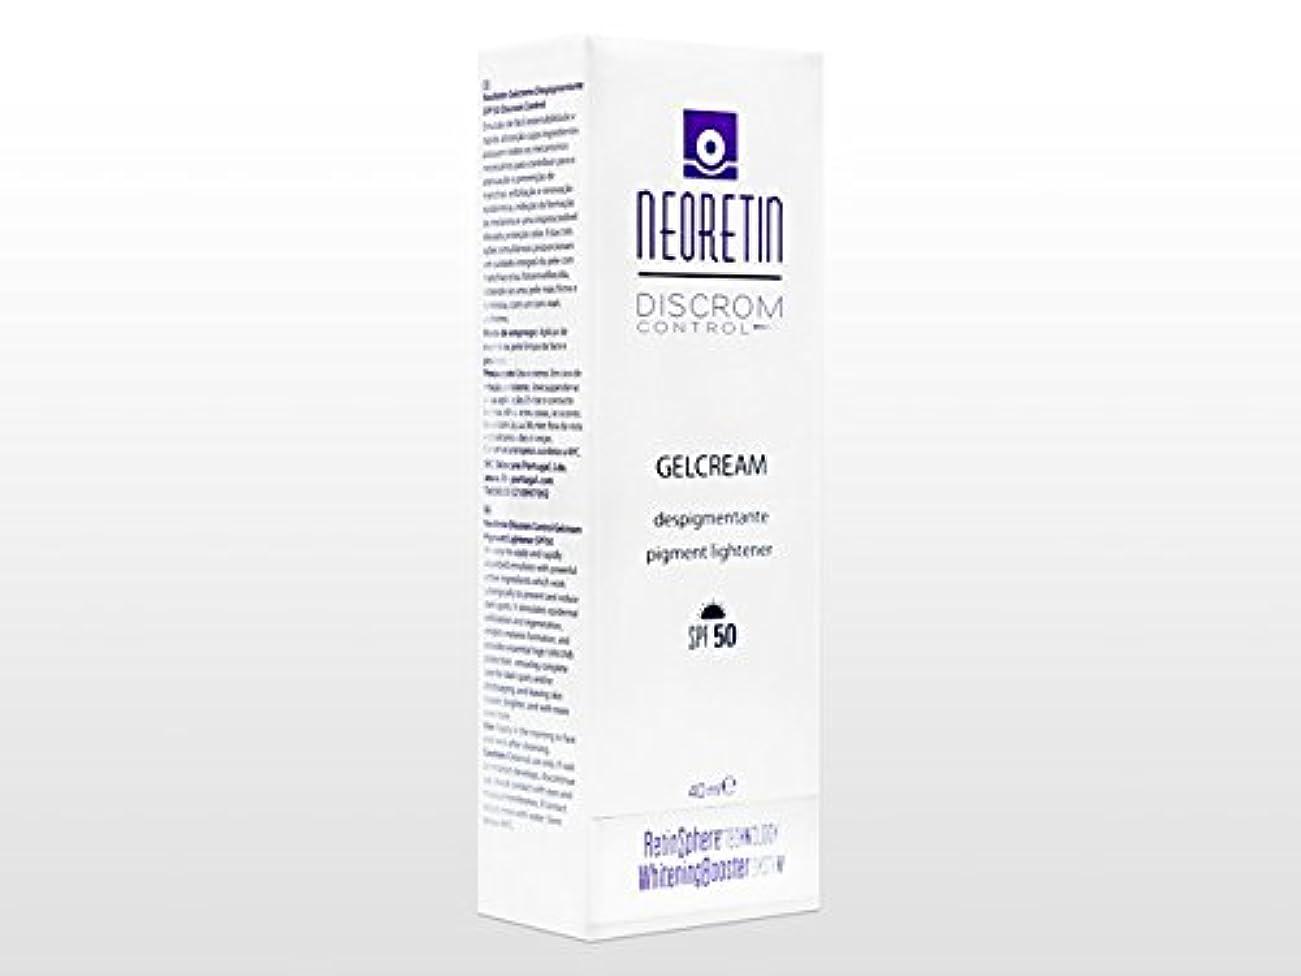 平野意味のあるマーチャンダイジングヘリオケアの美白シリーズ! シミ、傷跡などの色素沈着などあらゆるシミのケアに!Neoretin Discrom Control Gelcream SPF50 【海外直送品】